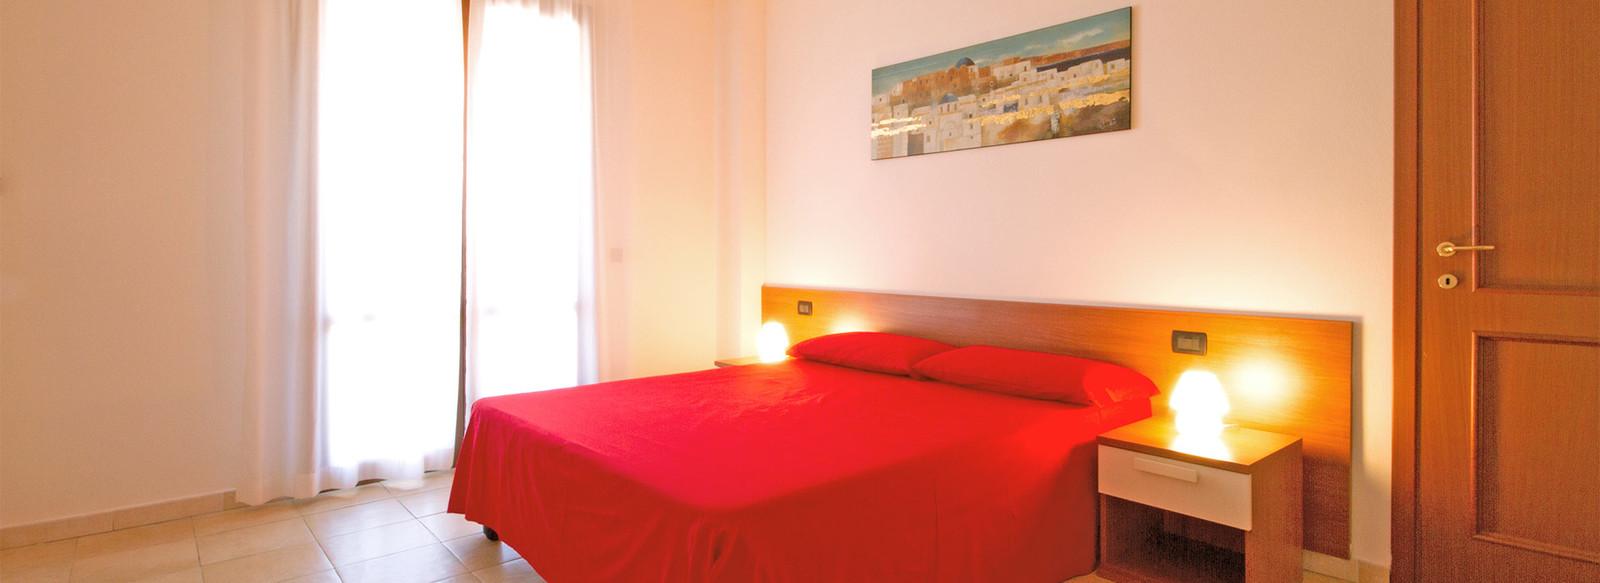 Miglior prezzo Residence Le Fontane - Villasimius - Sardegna ...